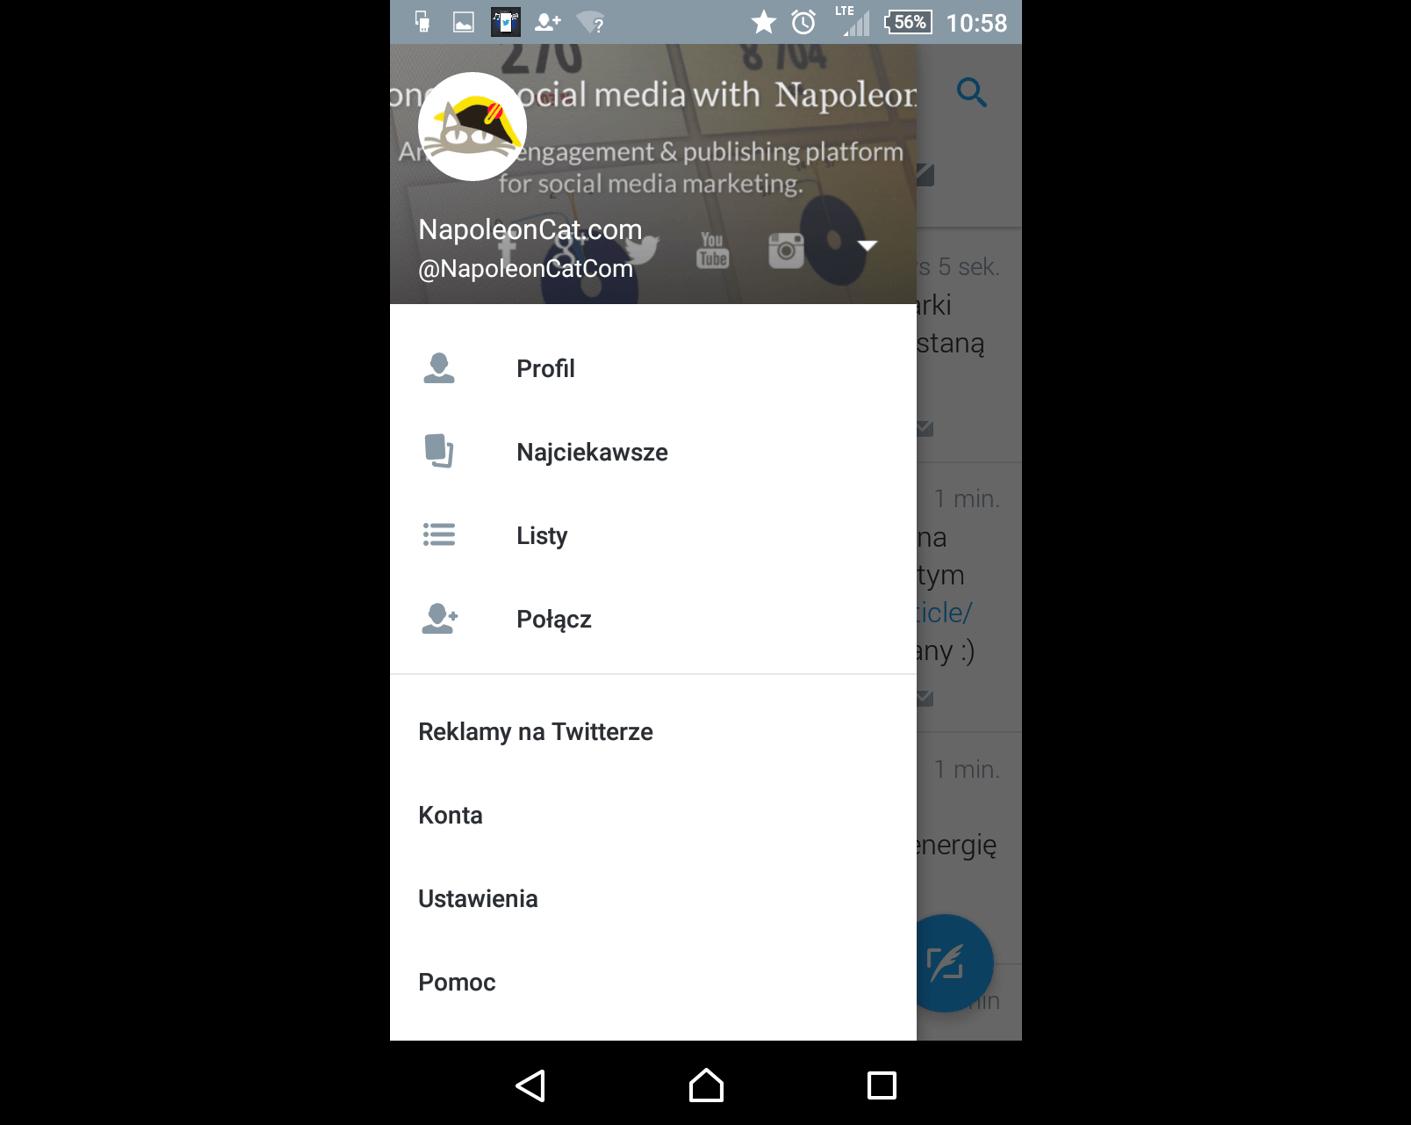 Nowy wyglad Twittera na Androidzie_NapoleonCat.com-wysuwane menu boczne